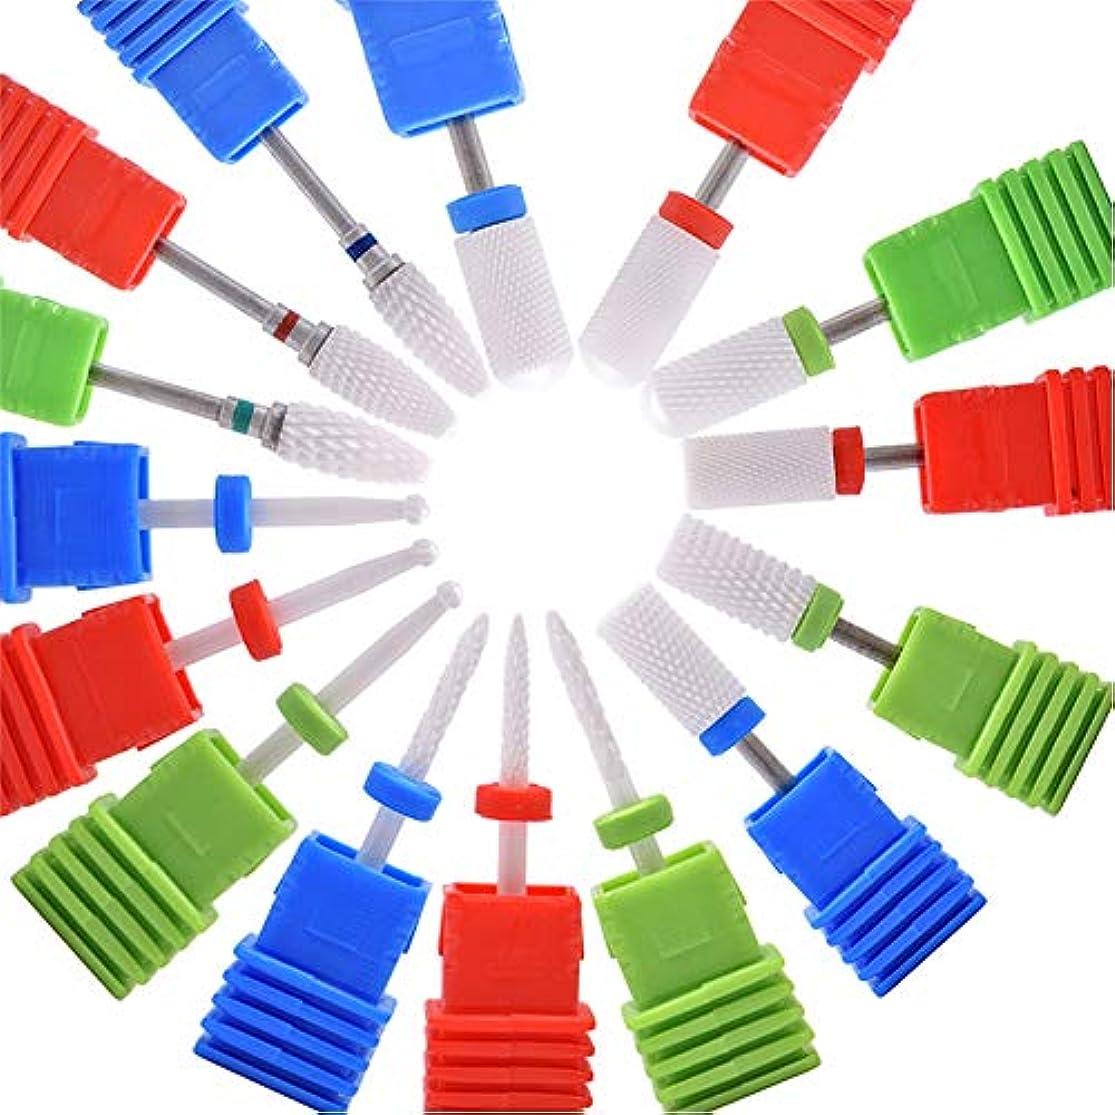 冗長はずショッキングOral Dentistry ネイルアート ドリルビット 研削ヘッド 研磨ヘッド ネイル グラインド ヘッド 爪 磨き 研磨 研削 セラミック 全3色 15種類